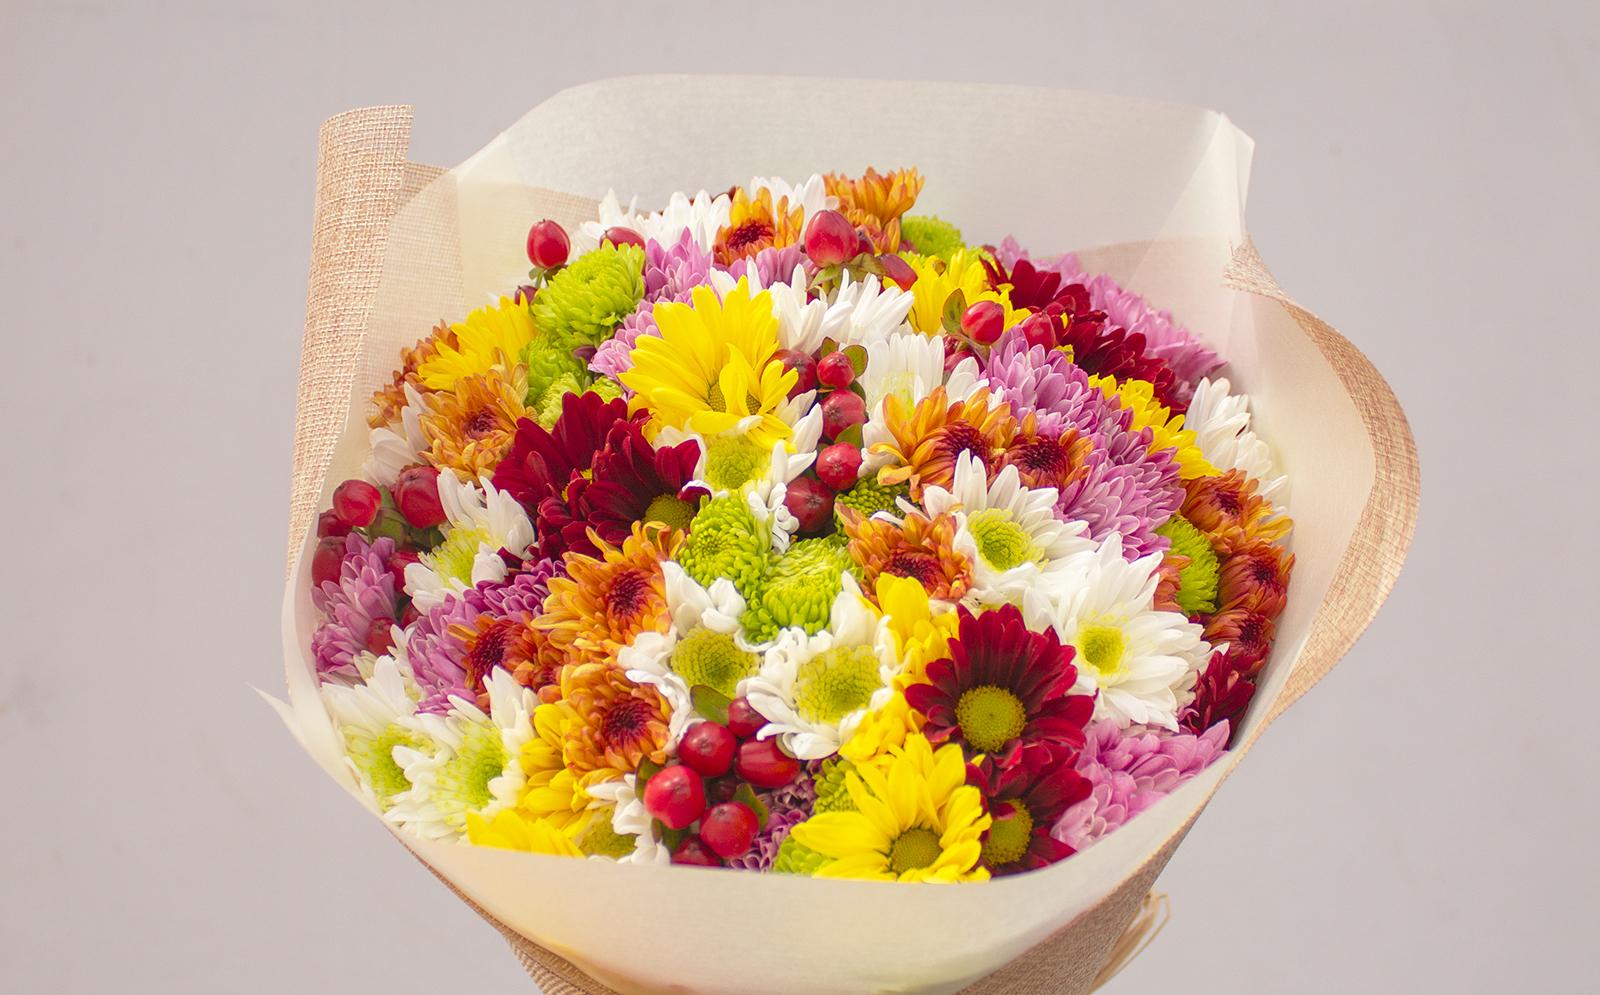 ¿Flores en los sueños? Te contamos los significados más relevantes de soñar con flores